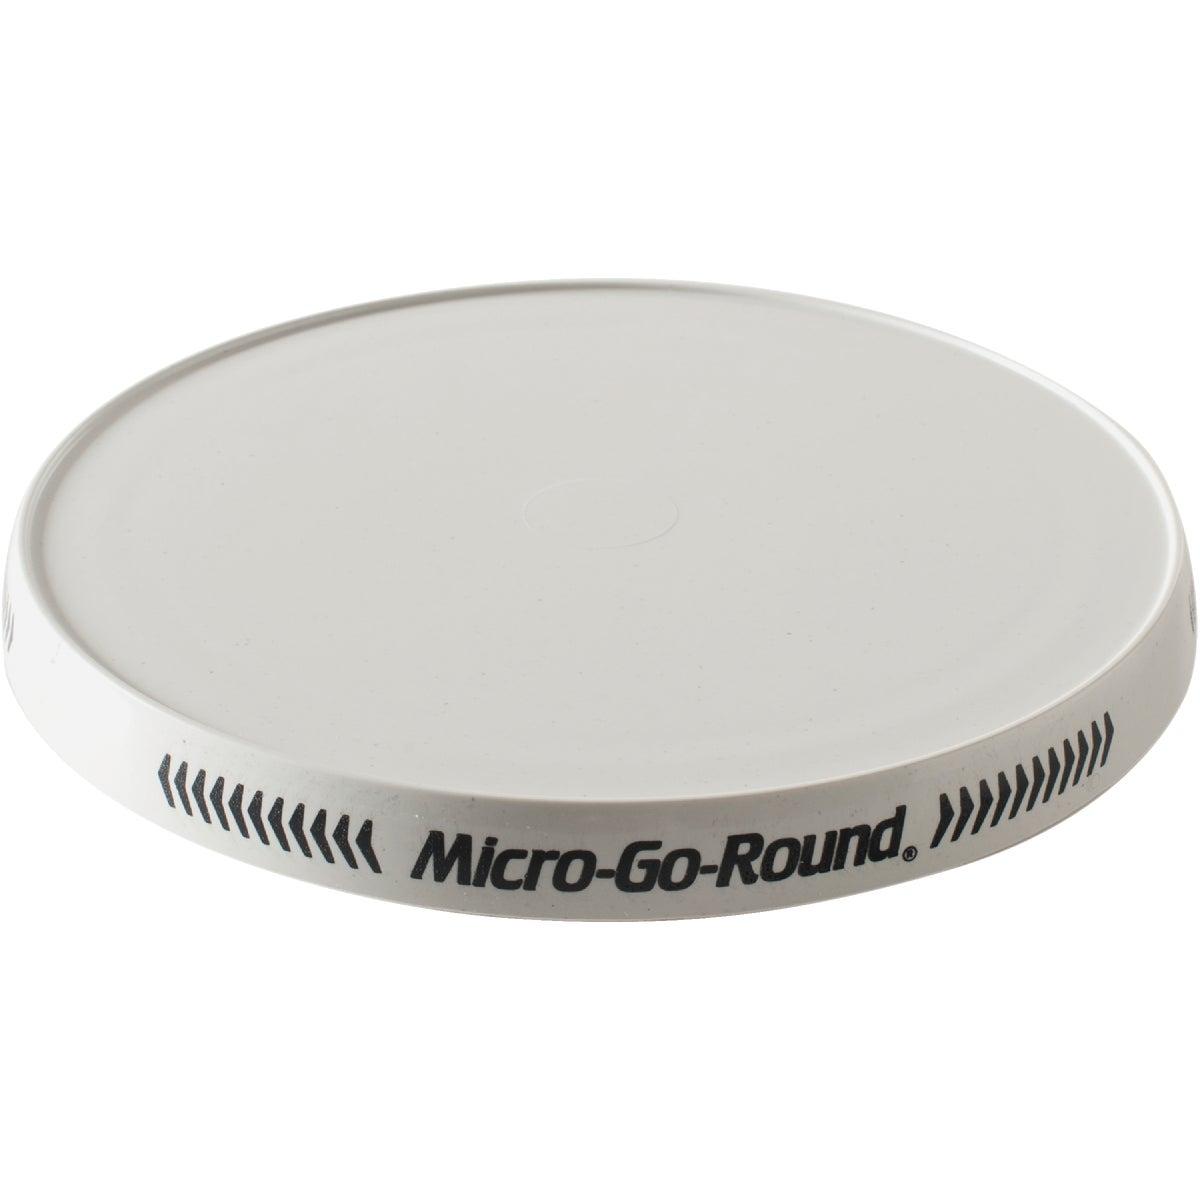 Nordic-Ware COMPACT MICRO-GO-ROUND 62301